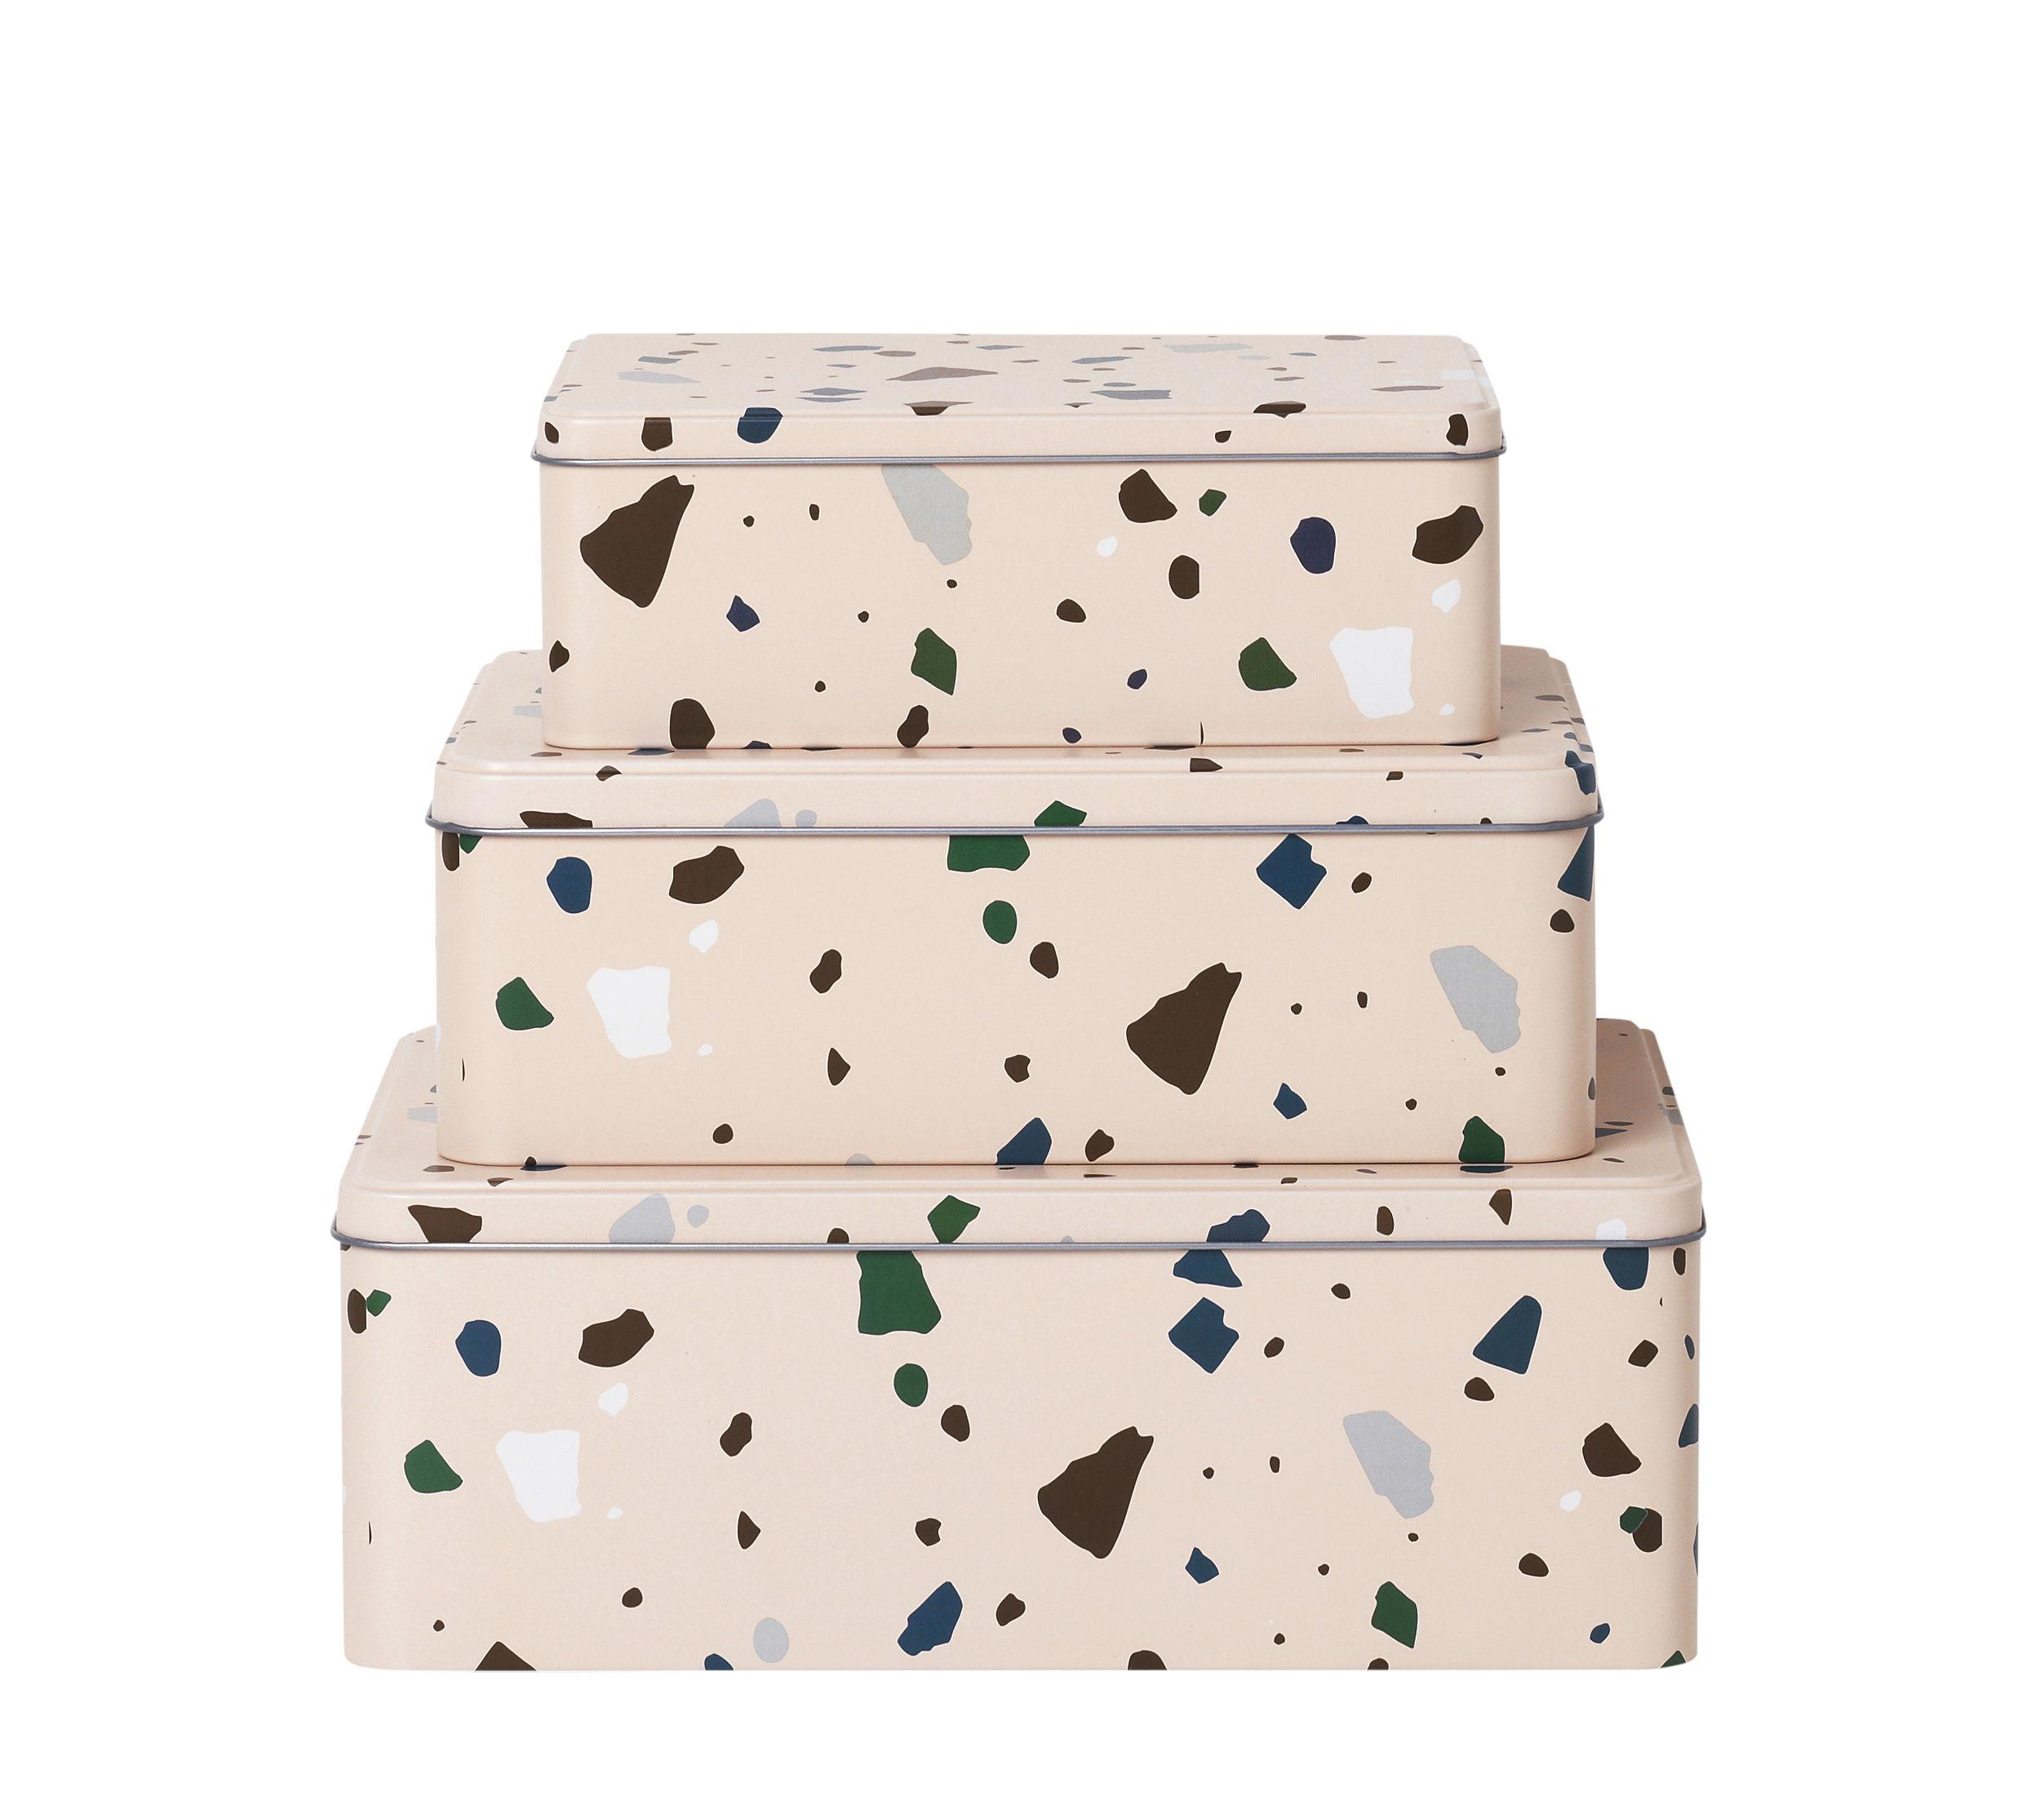 Interni - Per bambini - Scatola Tin - / Set da 3 - Metallo effetto Terrazzo di Ferm Living - Terrazzo / rosa - Fer blanc